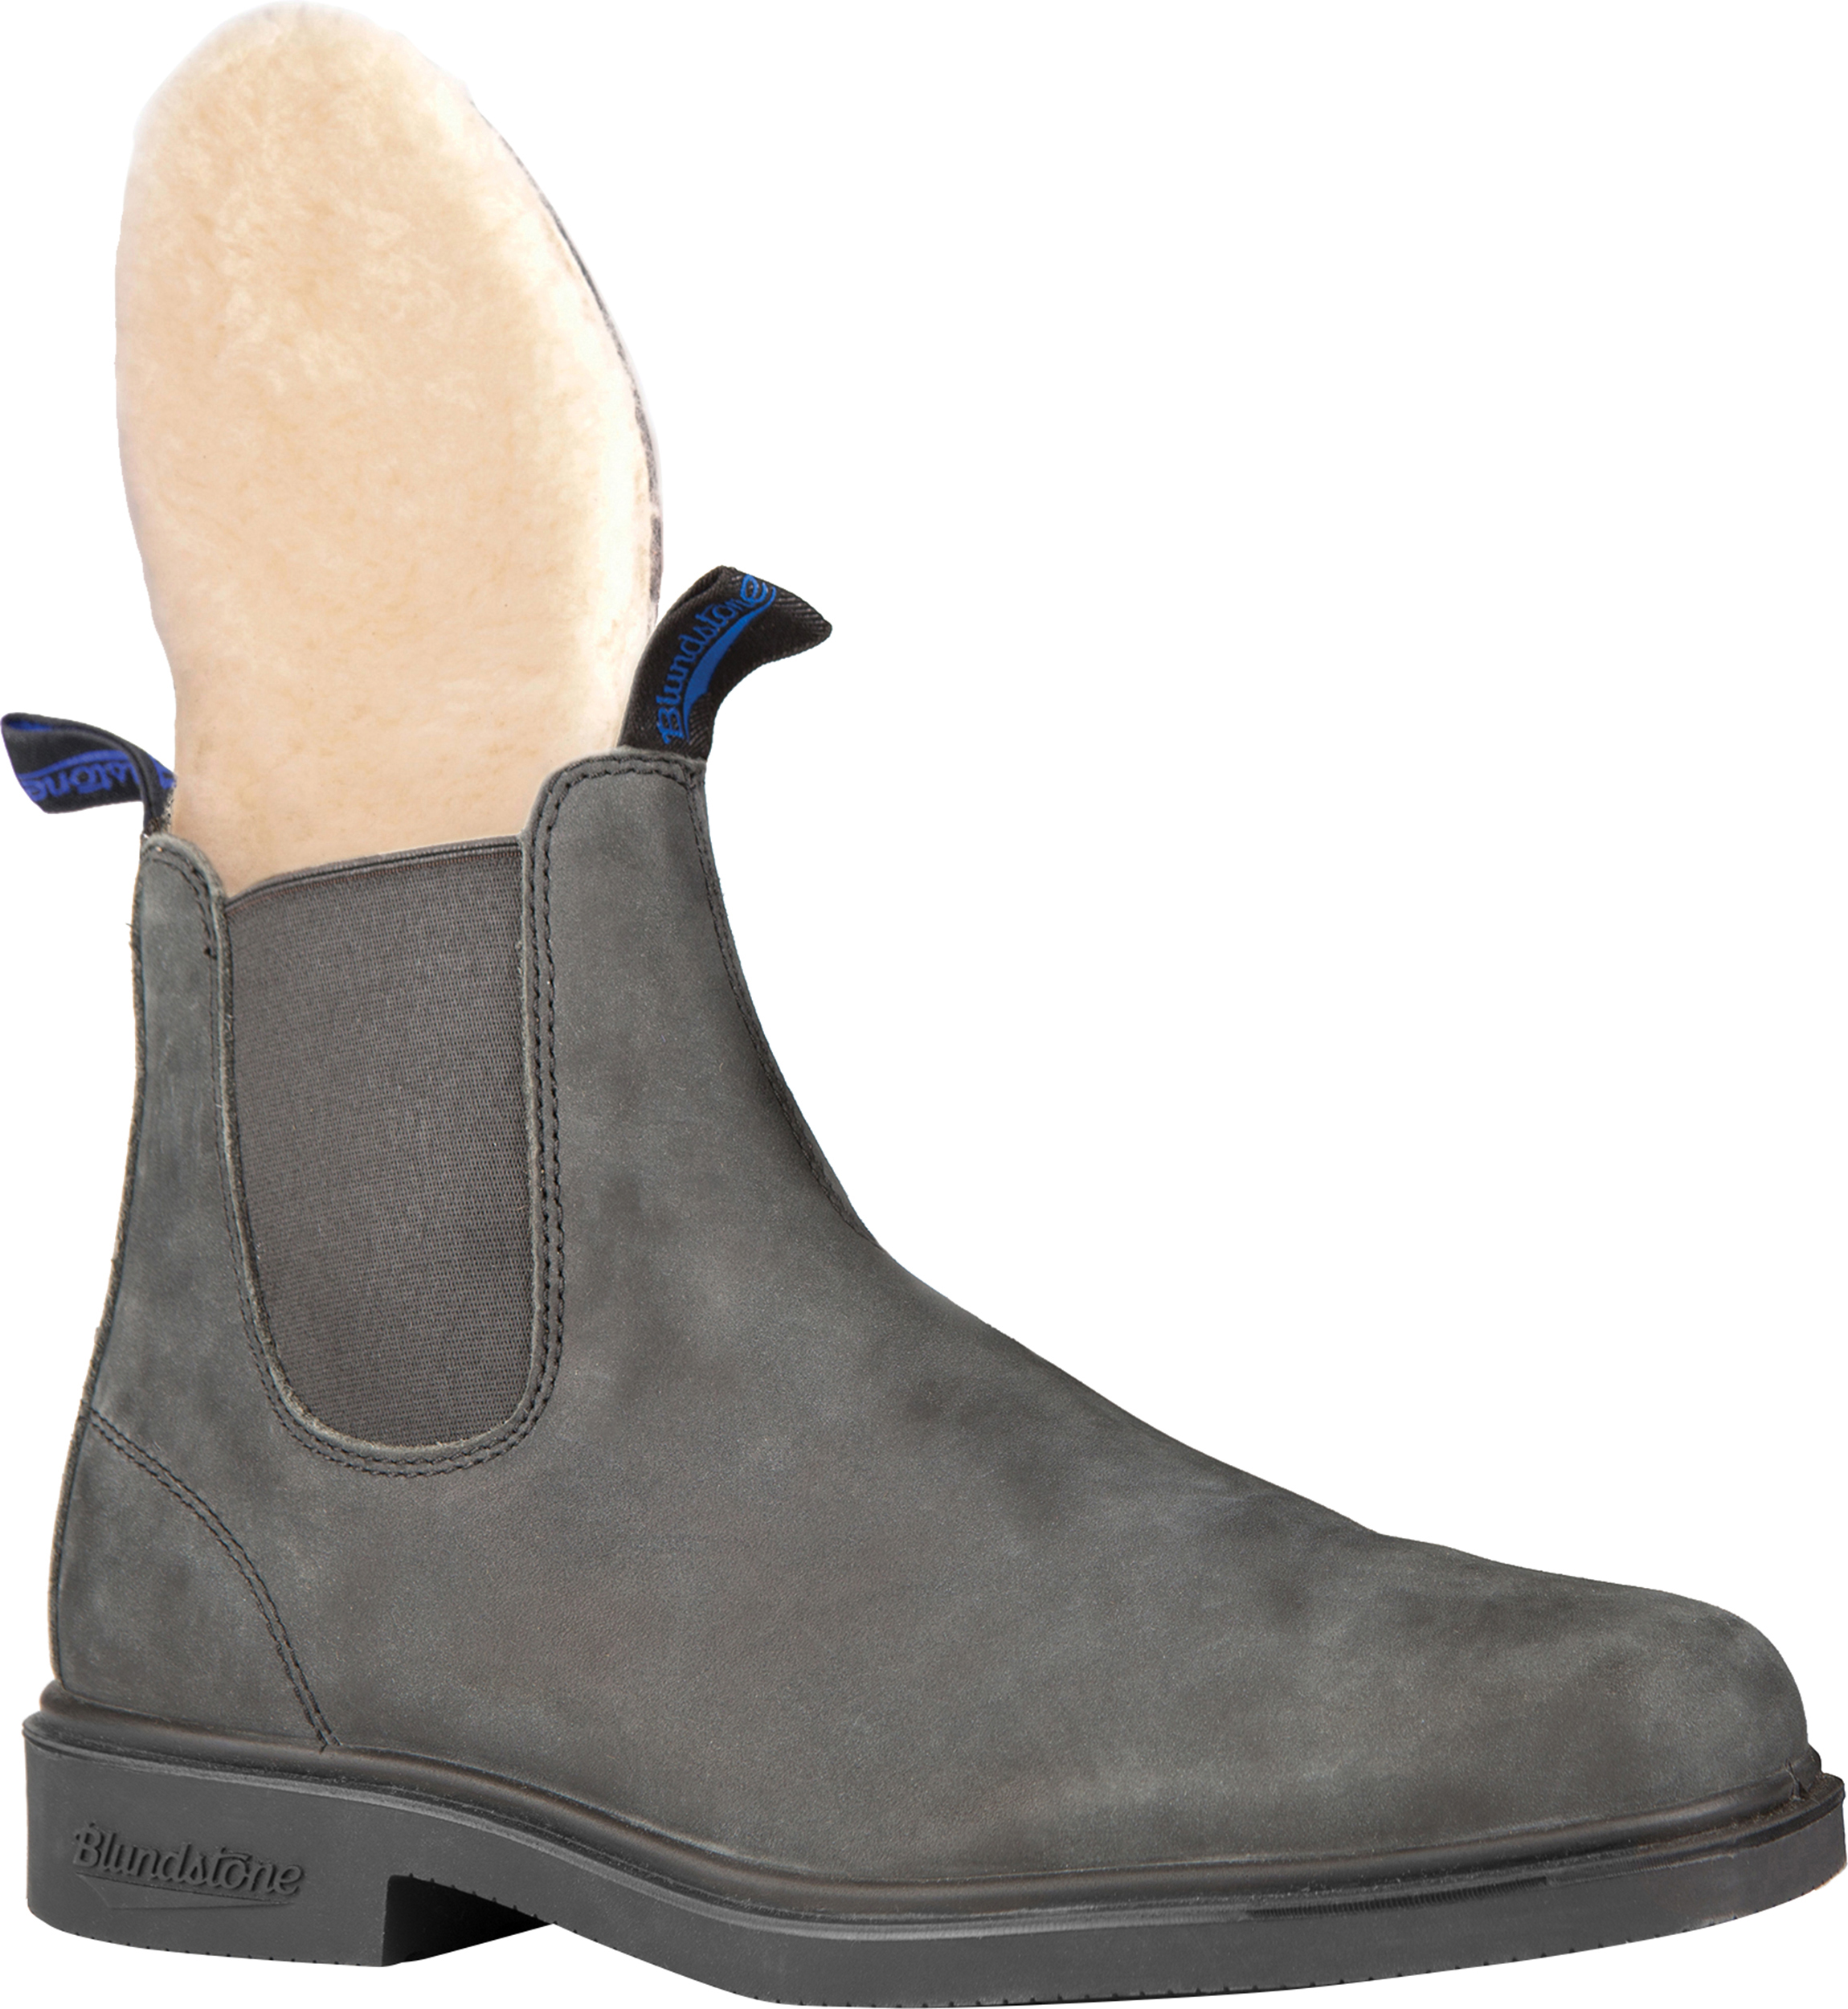 ee299480dbd Blundstone Boots | MEC